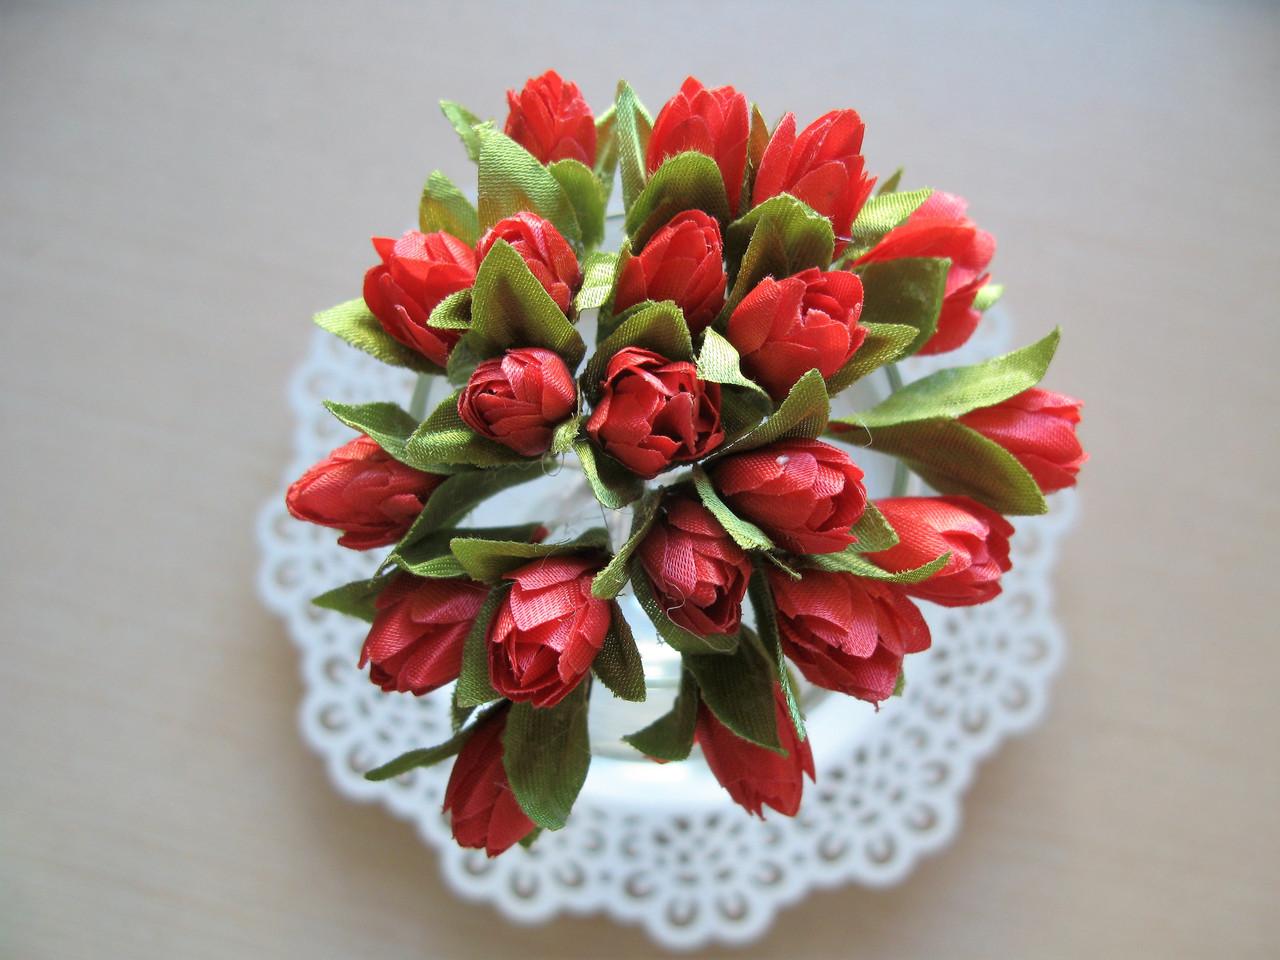 Тюльпаны из ткани коралловые   2 см - 20 шт, 28 грн